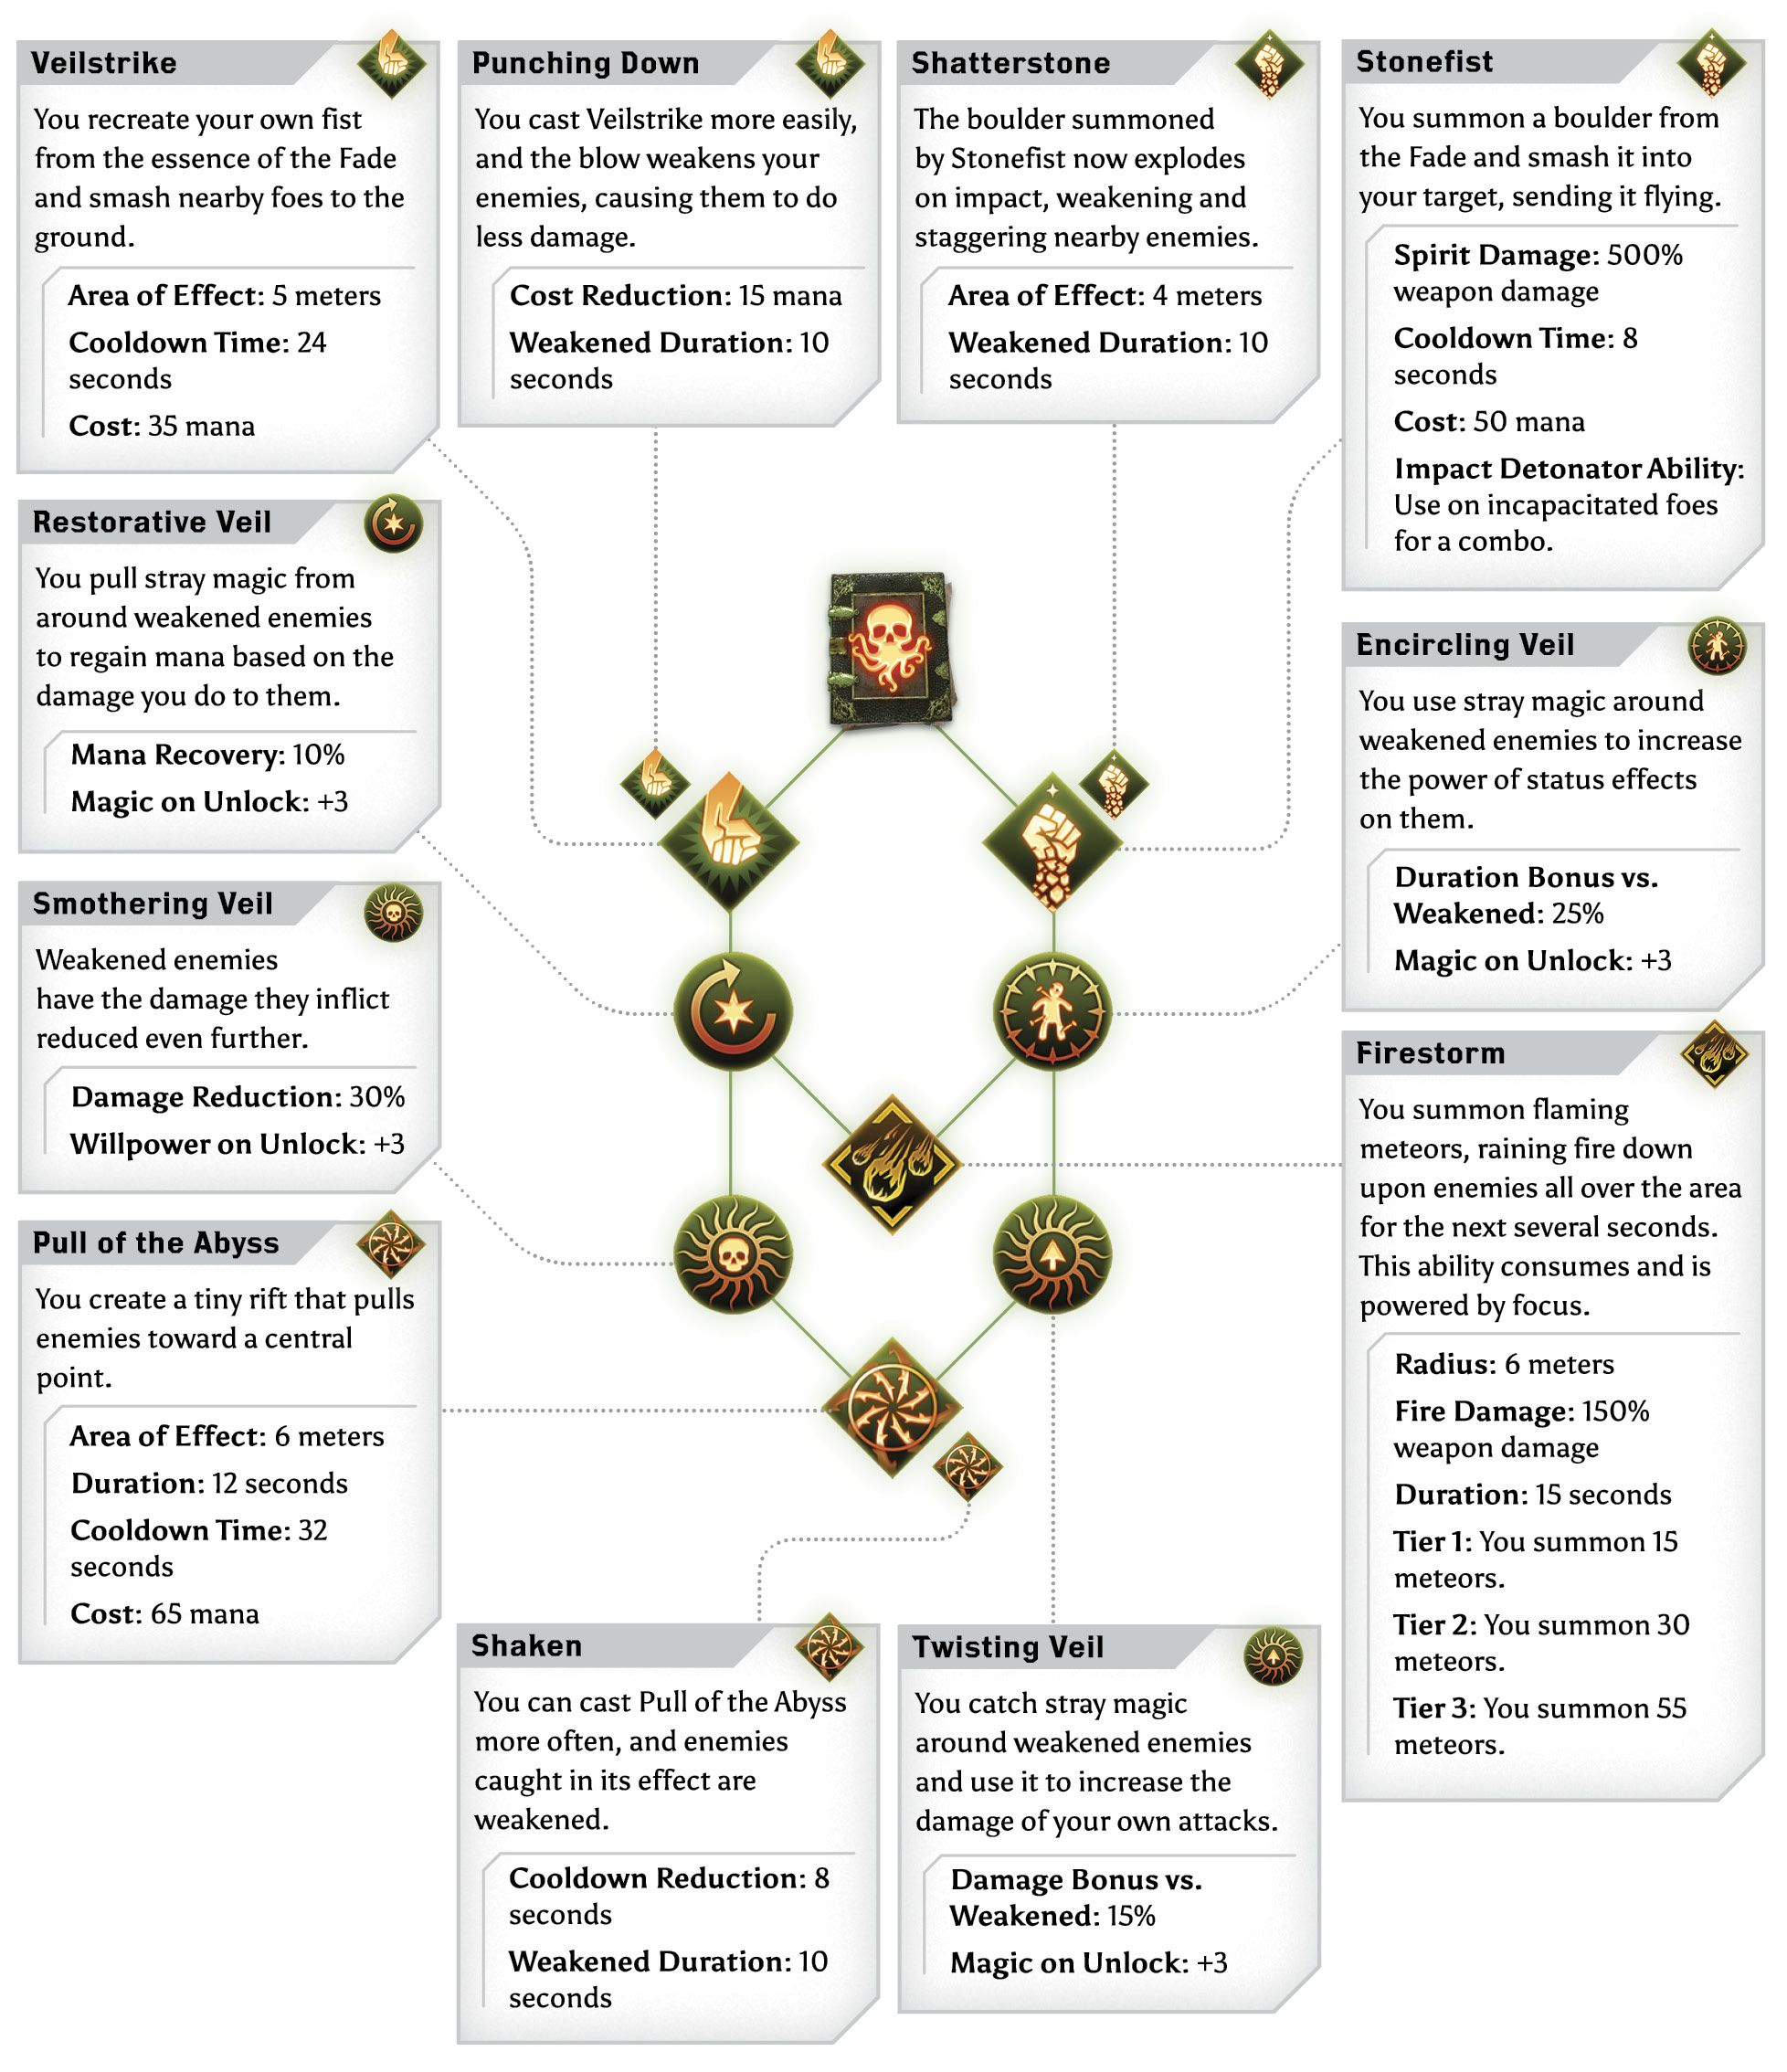 Dragon Age Inquisition Mage Dragon Age Dragon Age Characters Dragon Age Inquisition